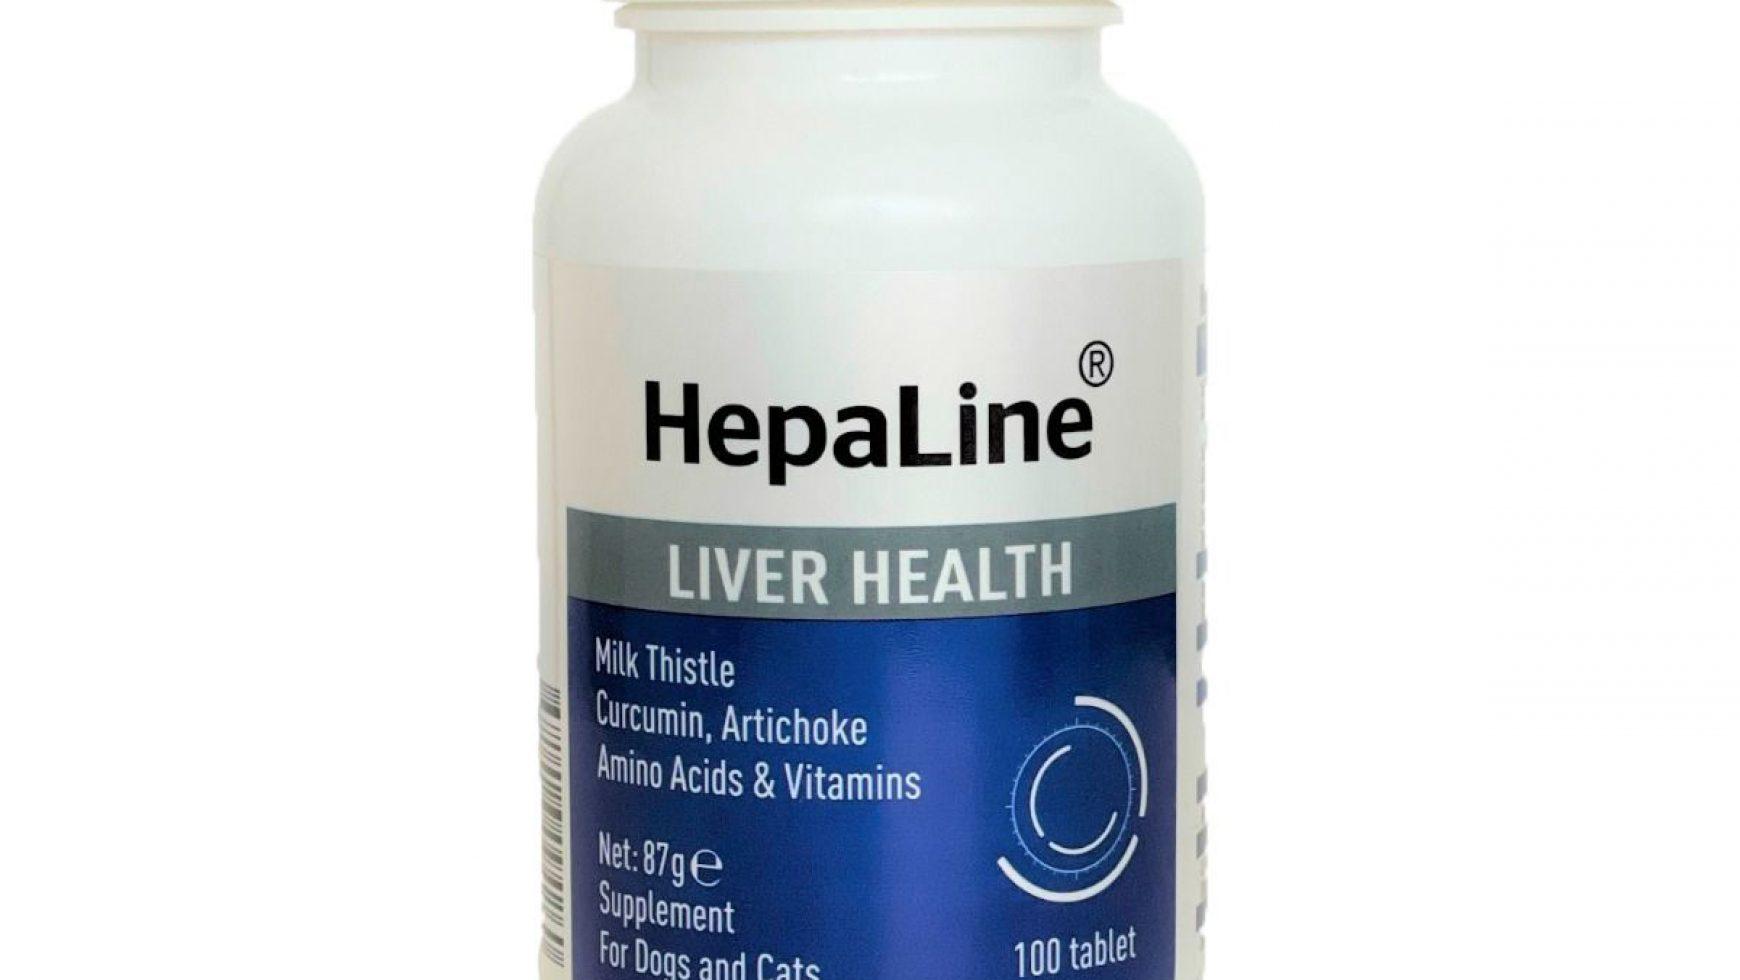 HEPALINE 100 Tablet